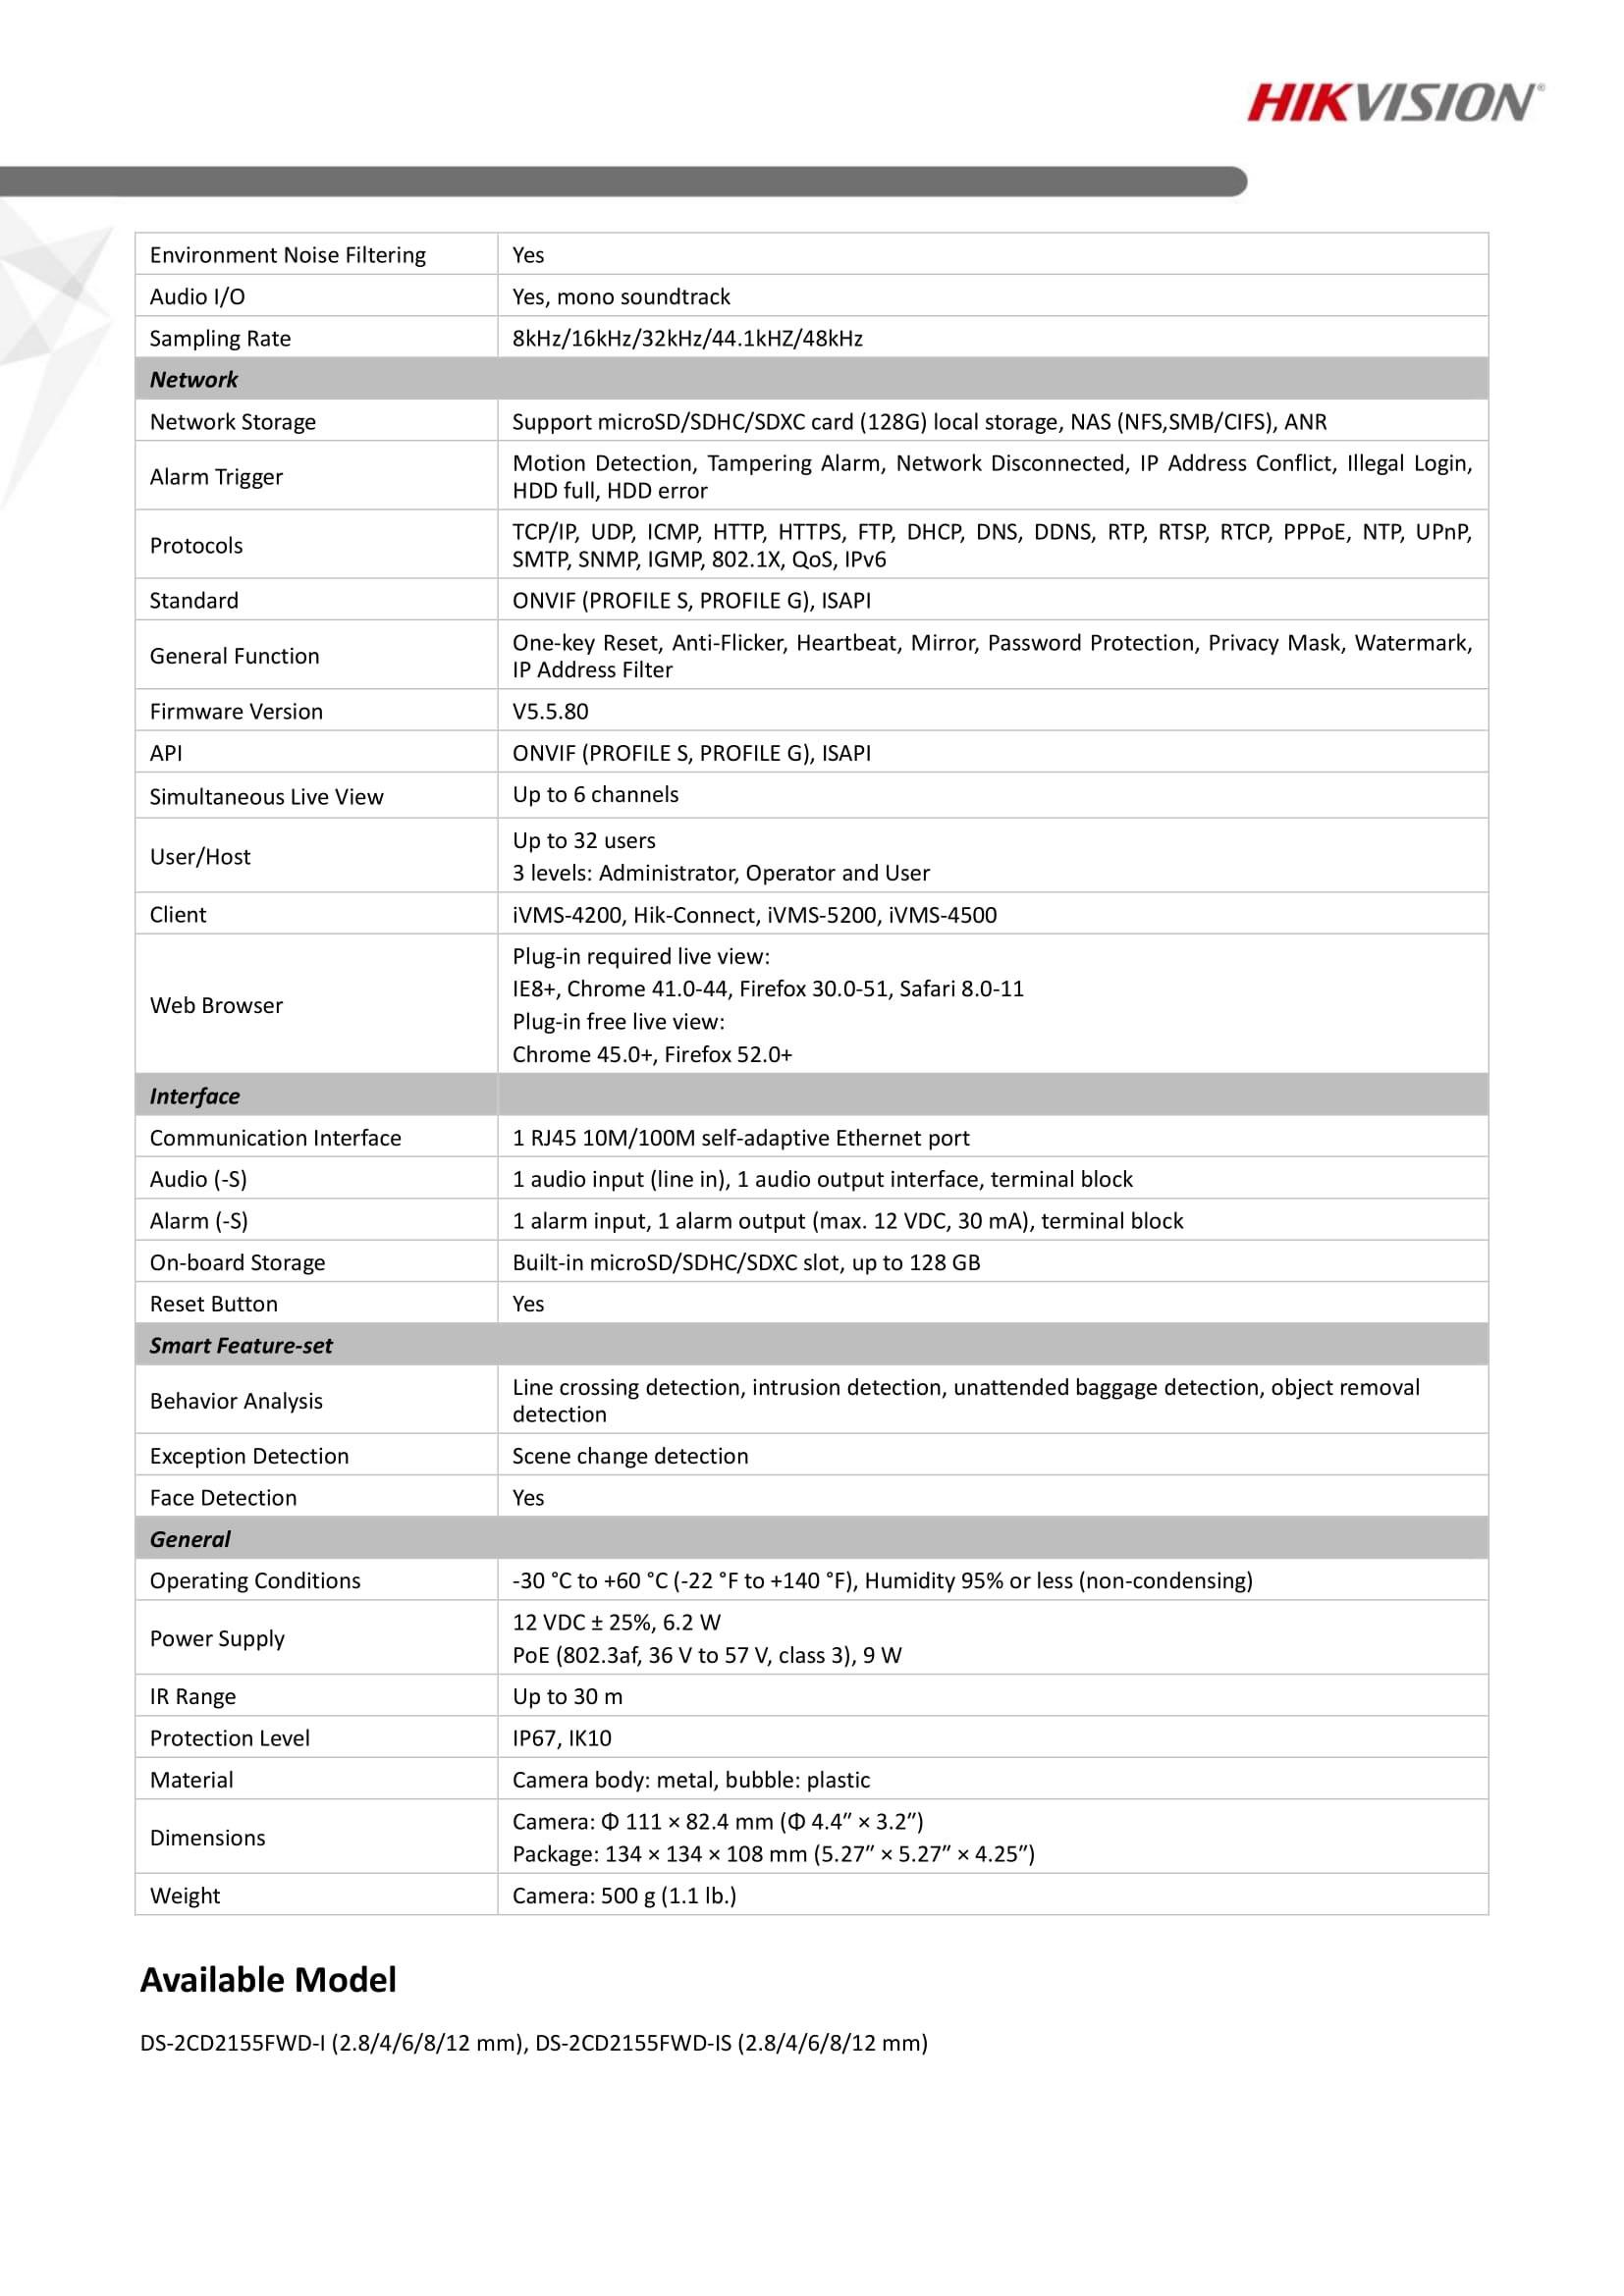 ds-2cd2155fwd-i-s-datasheet-v5-3.jpg